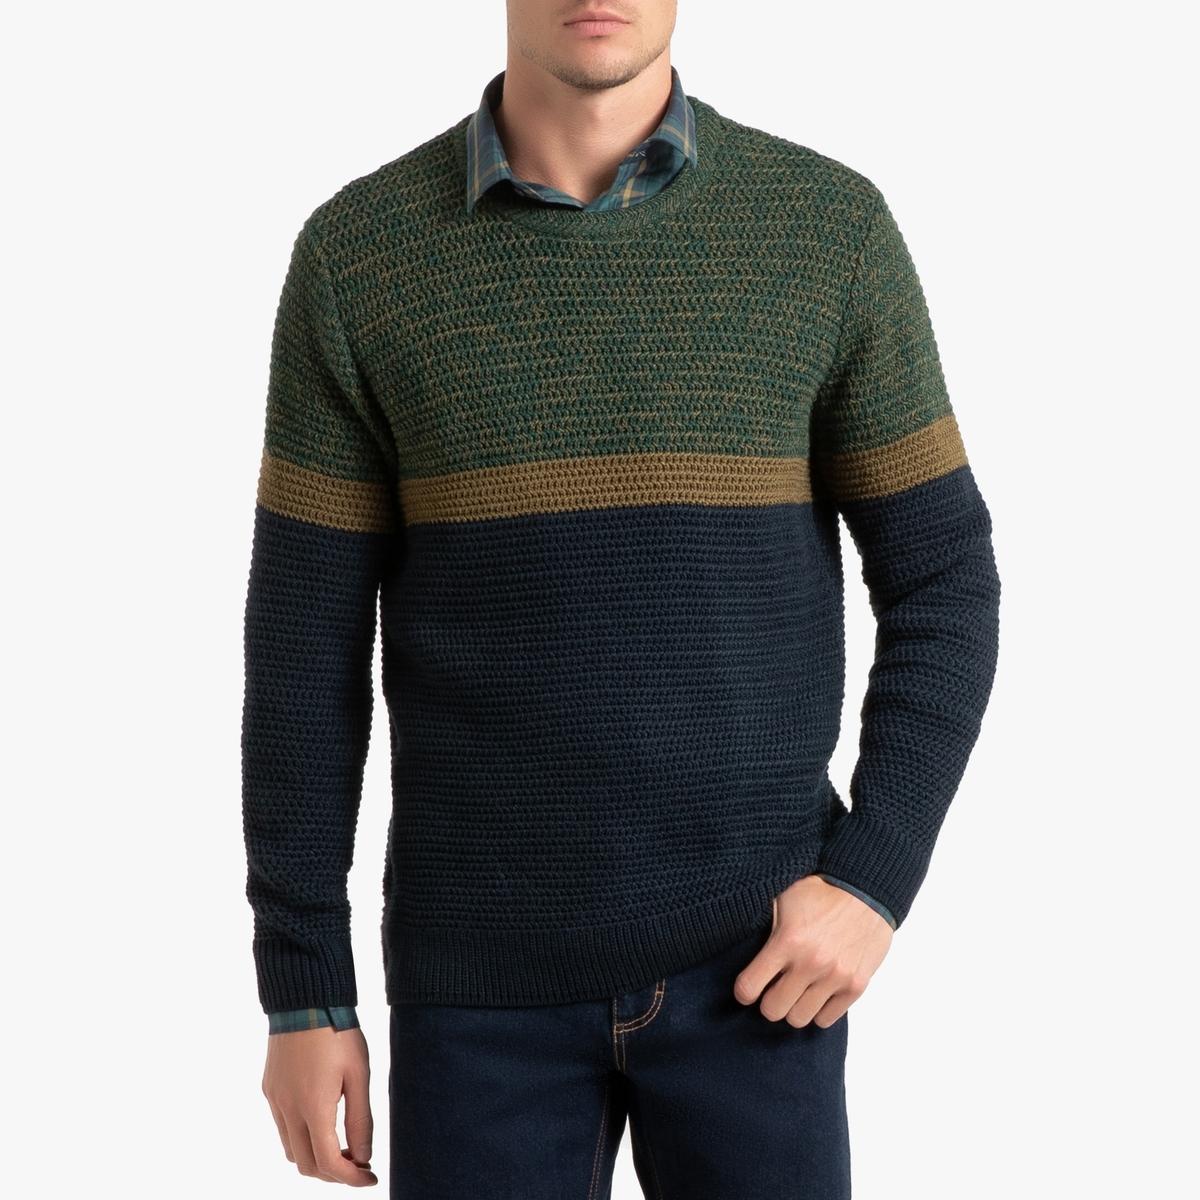 Пуловер La Redoute С круглым вырезом трехцветный из плотного трикотажа 3XL синий пуловер la redoute с круглым вырезом из плотного трикотажа 3xl бежевый